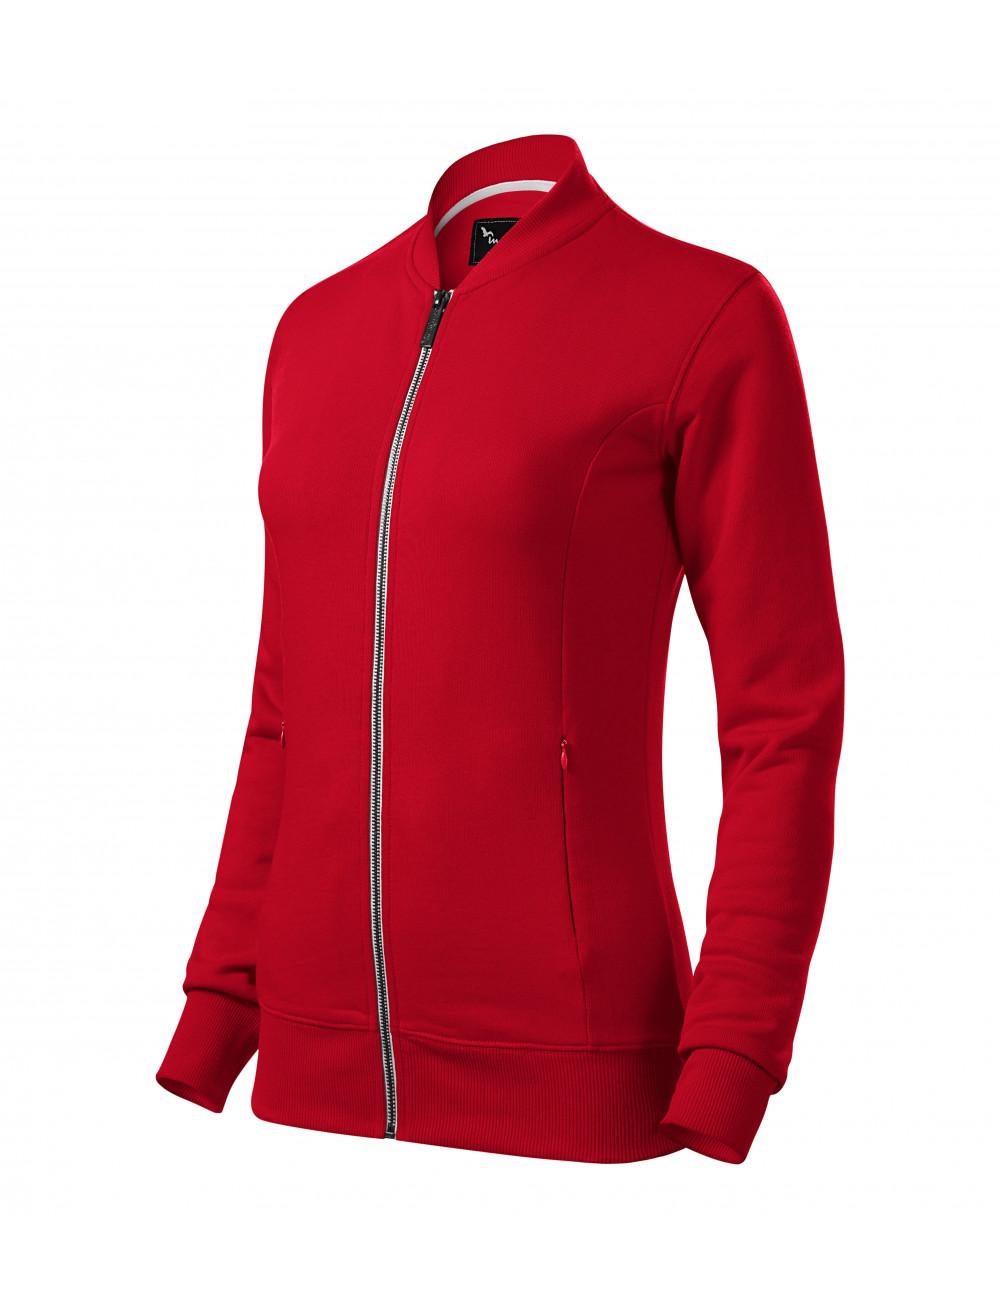 Bluza damska z suwakiem BOMBER 454 czerwona dowolne logo